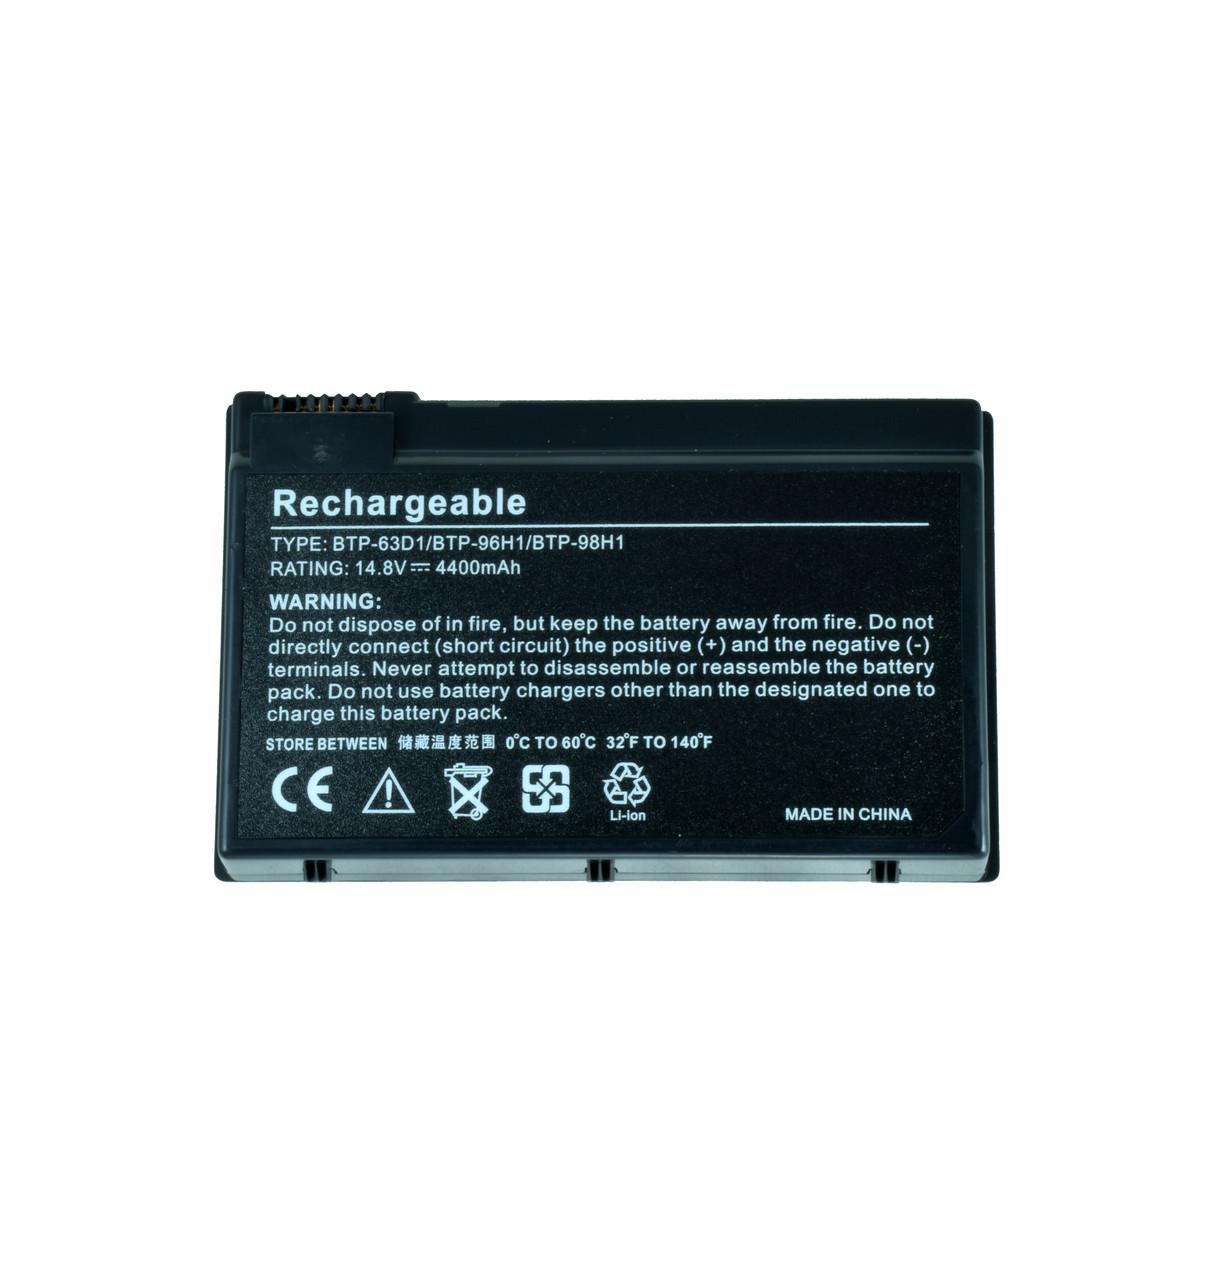 Батарея для ноутбука ACER 60.49Y02.001 91.49Y28.001 91.49Y28.002 BT.00403.005 BT.00803.007